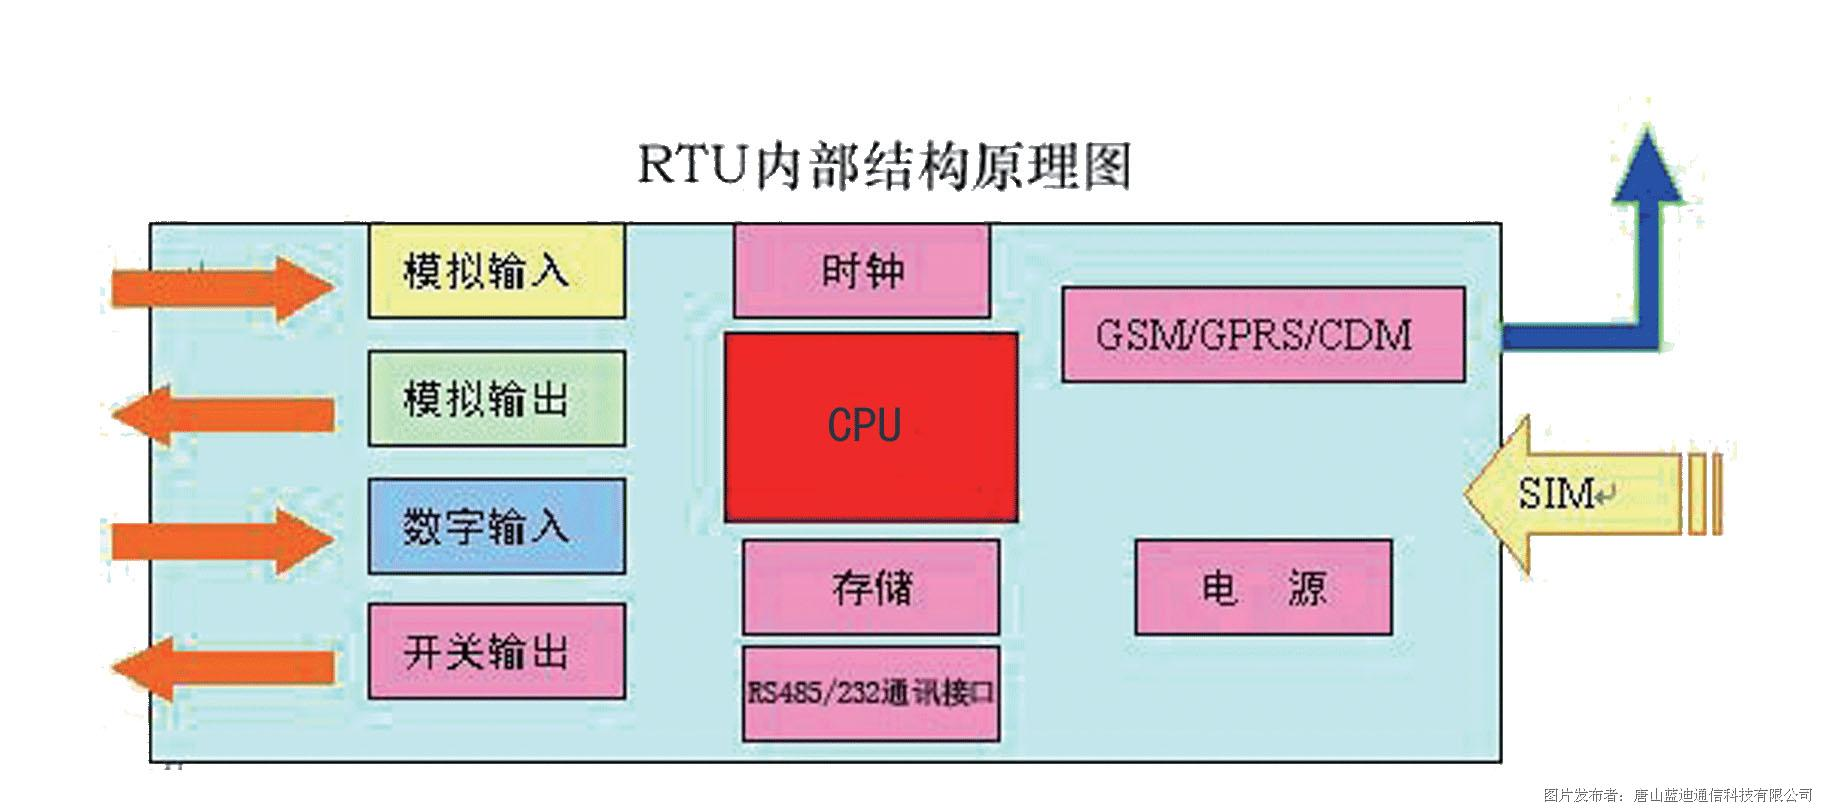 远程智能测控终端(RTU)